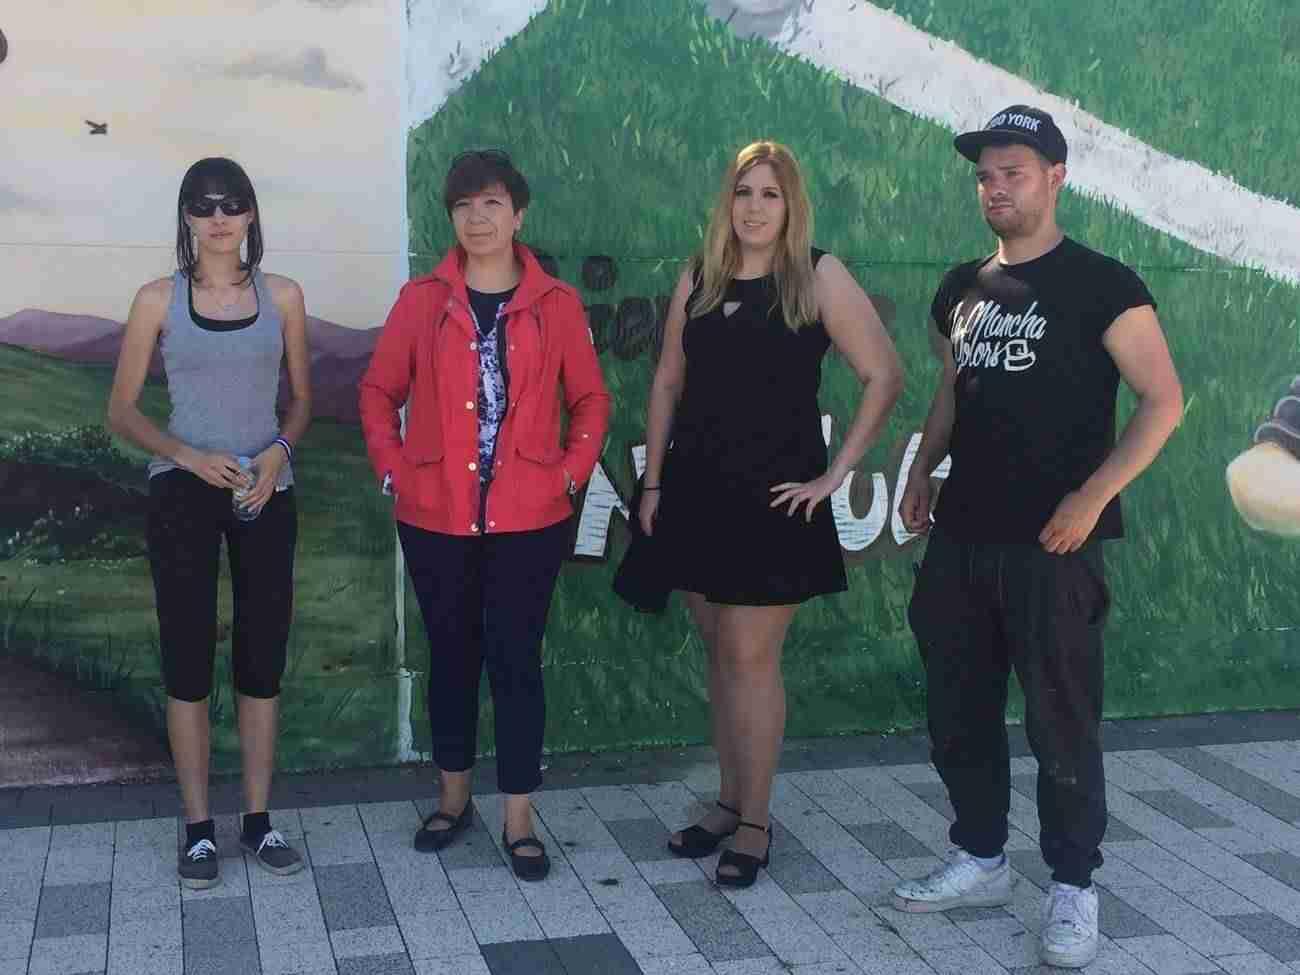 muestra arte urbano alcazar 3 - Fotografías de la Muestra de Arte Urbano en Alcázar